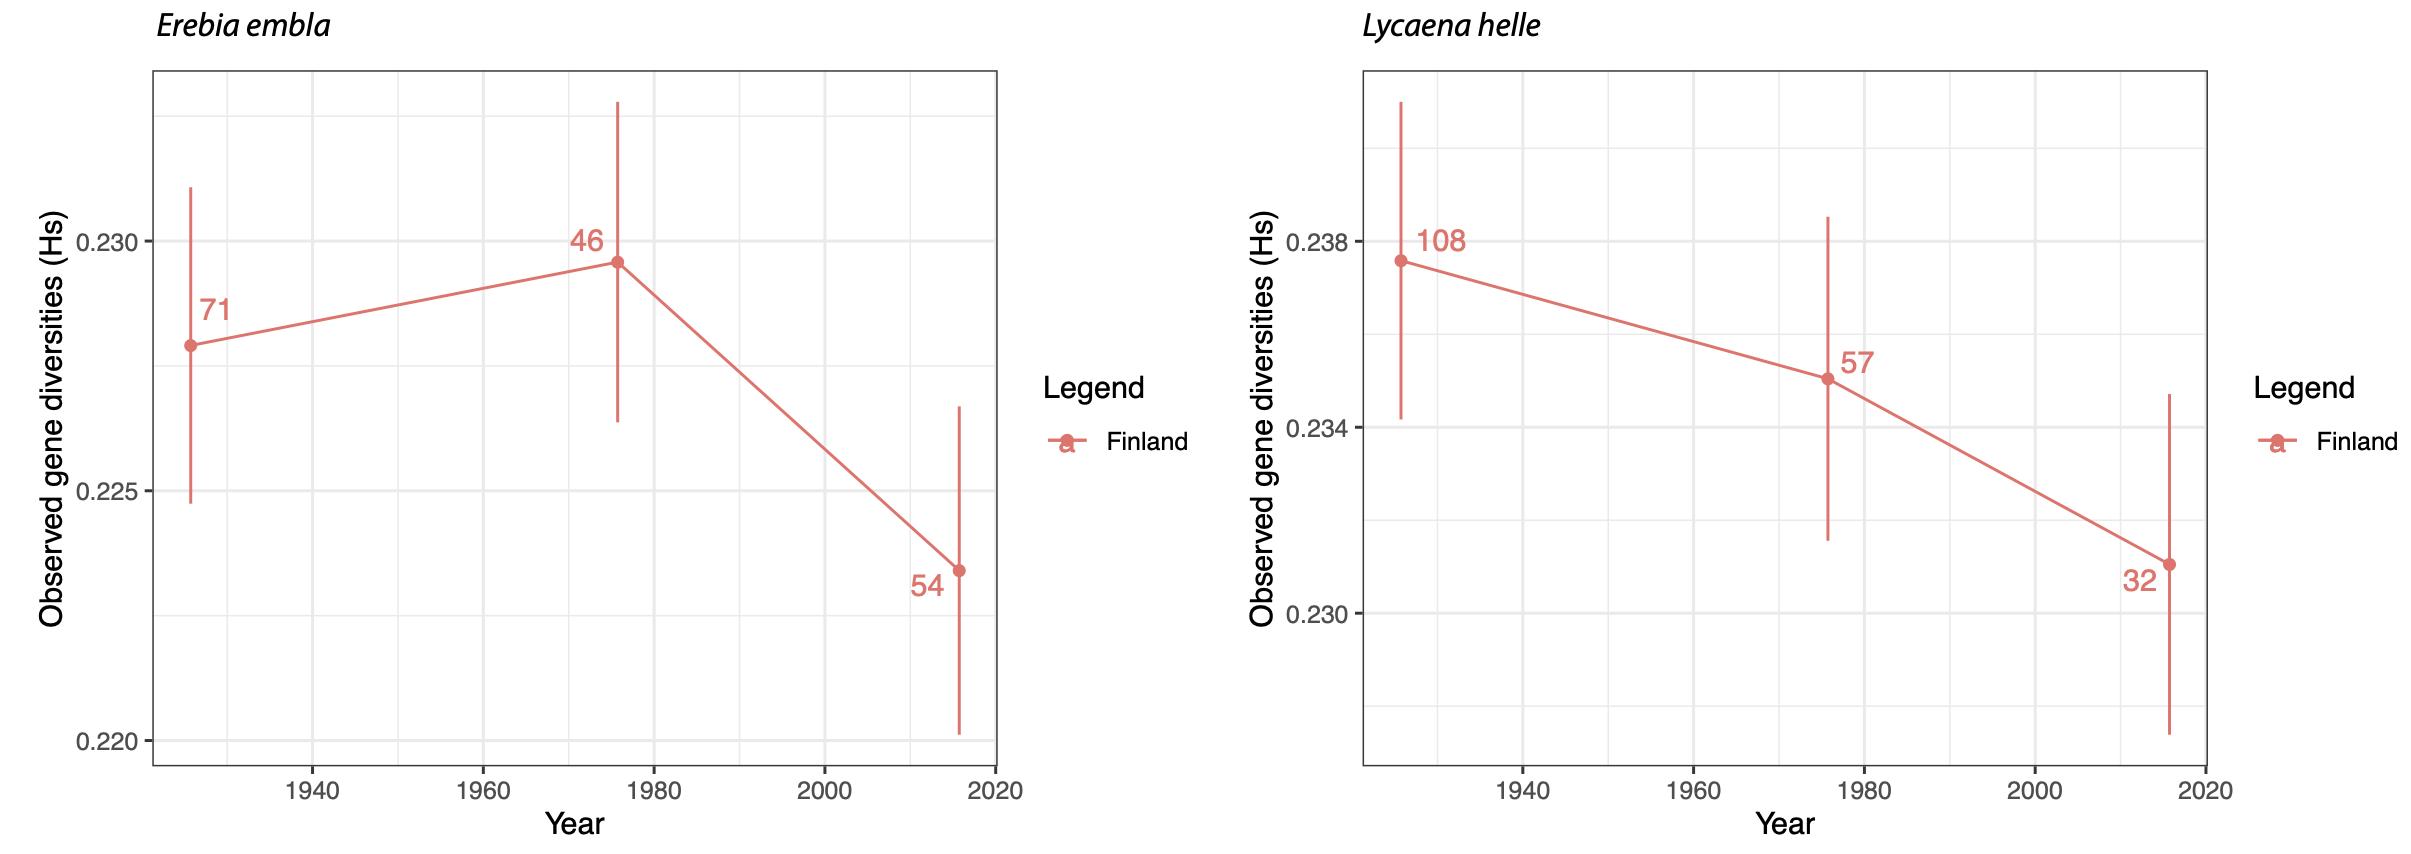 Graphique représentant l'évolution de la diversité génétique à l'échelle de la Finlande pour trois périodes (le début du 20ème siècle, le milieu du 20ème siècle, et le début du 21ème siècle), à gauche pour le moiré lapon (Erebia embla) et à droite pour le cuivré de la bistorte (Lycaena helle). L'axe vertical représente la diversité génétique et l'axe horizontal le temps, en années; les chiffres indiquent le nombre d'échantillons que nous avons analysés pour chaque période sur l'ensemble de la Finlande.